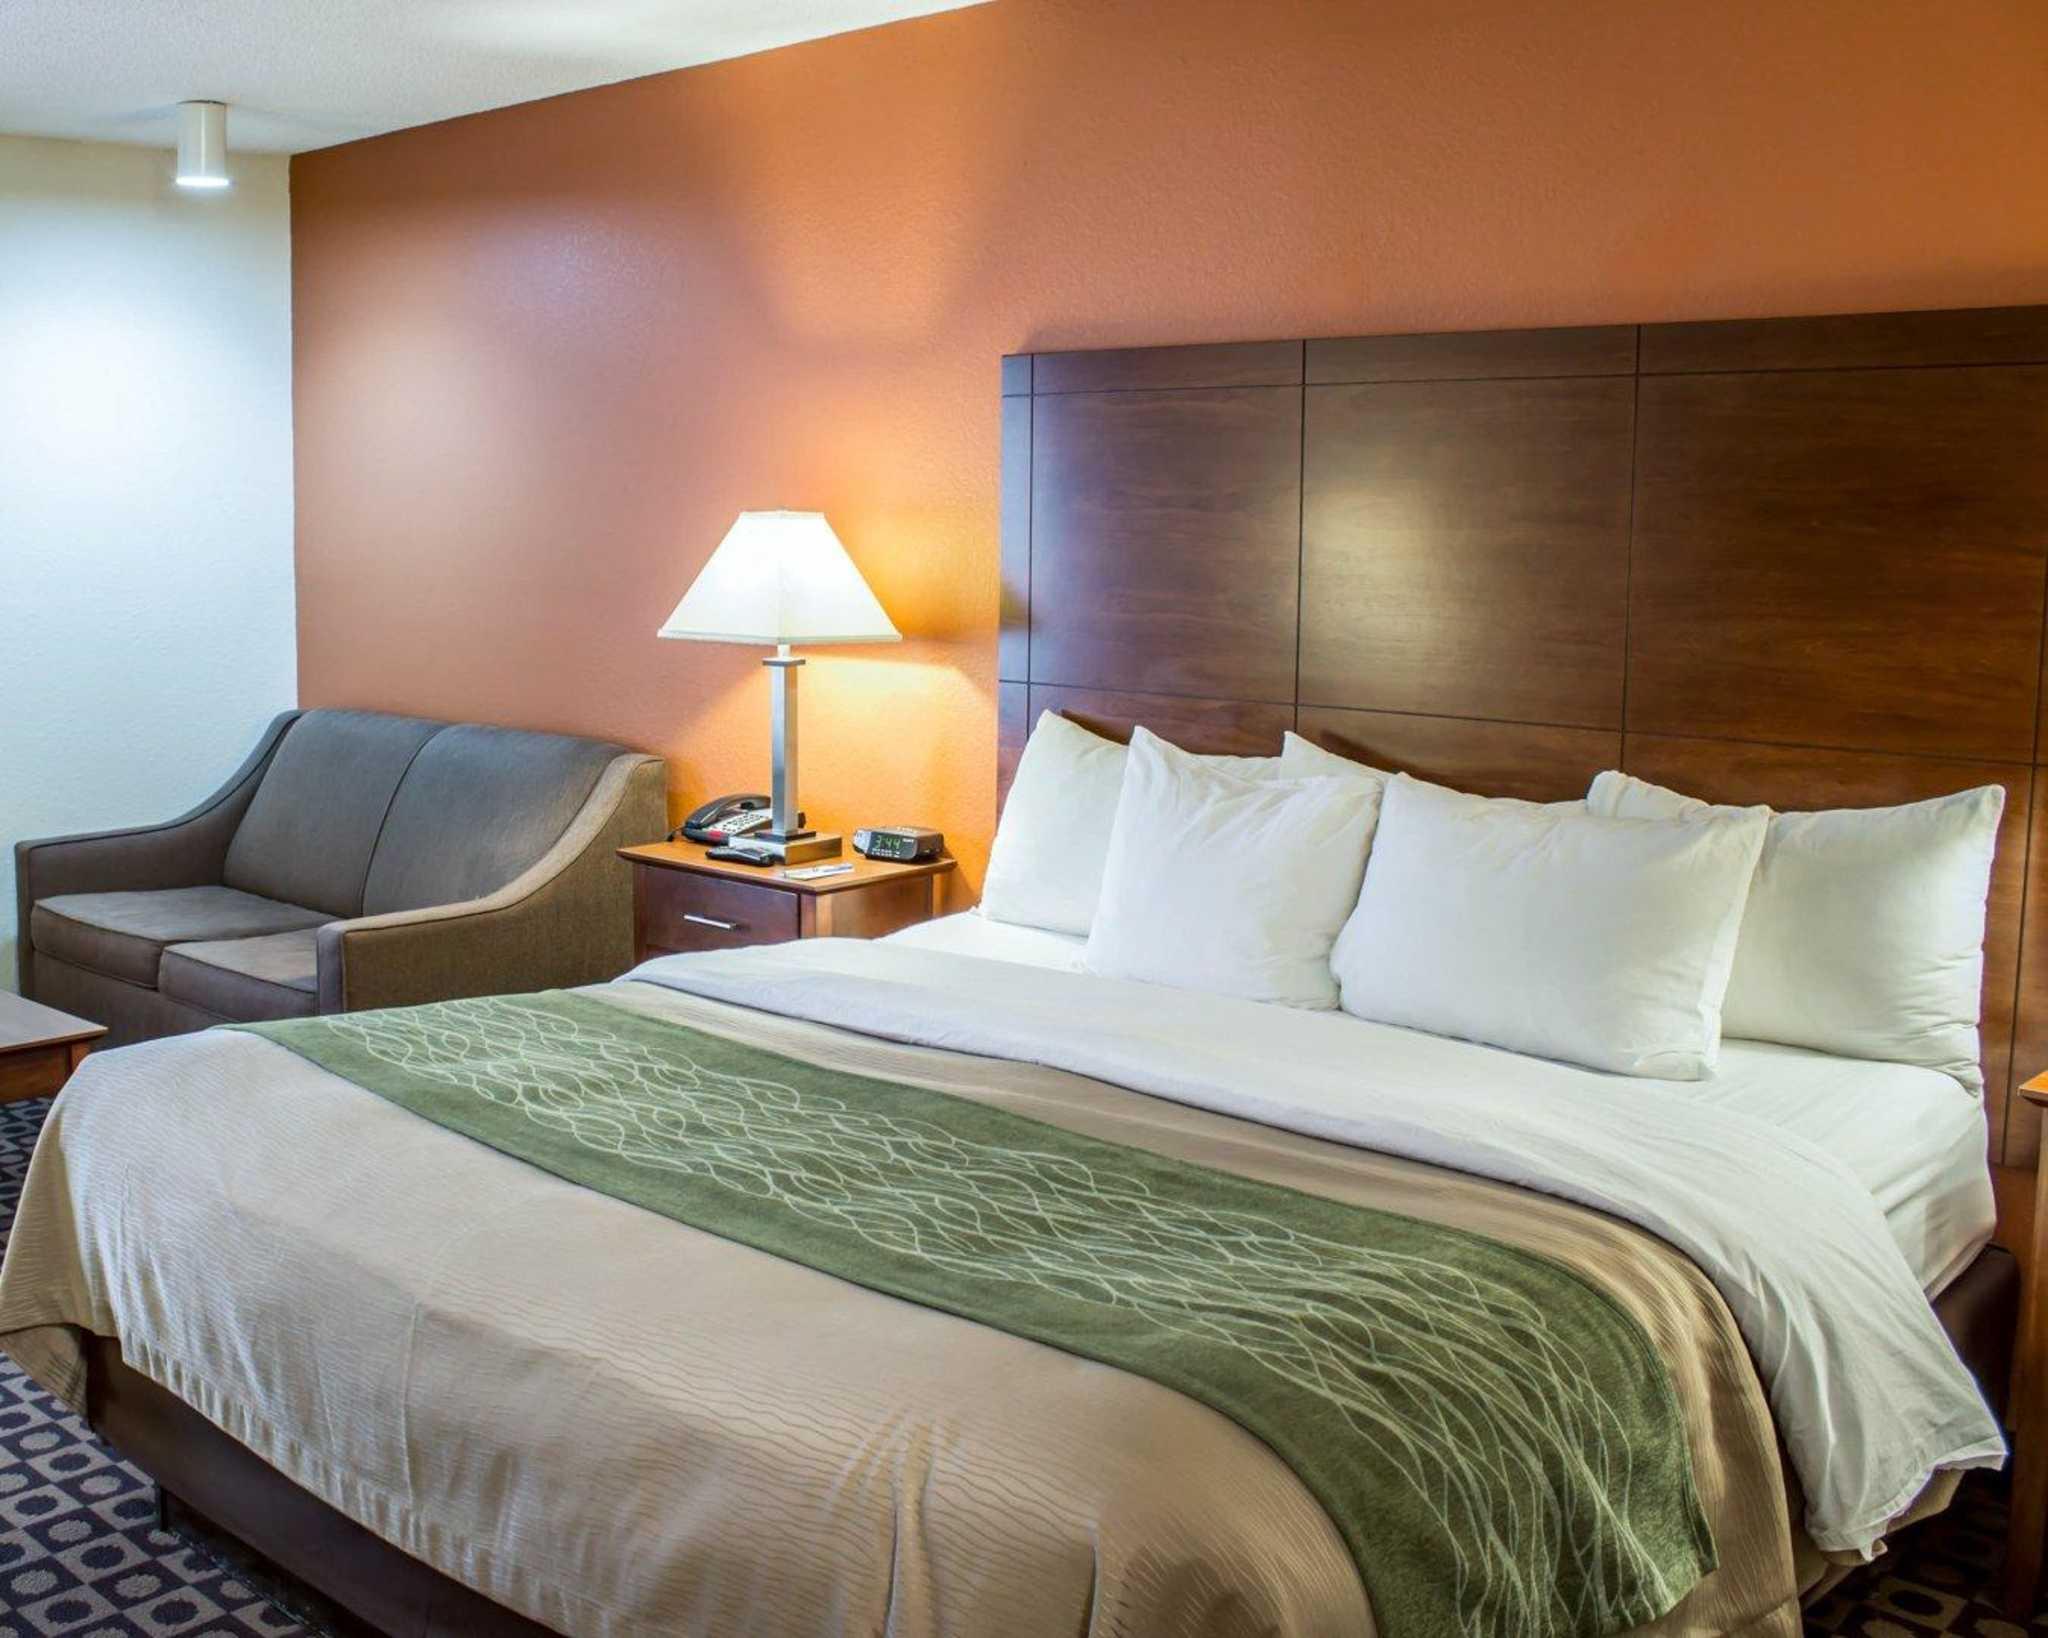 Comfort inn in fayetteville nc 910 321 1 for Carolina motor inn fayetteville nc